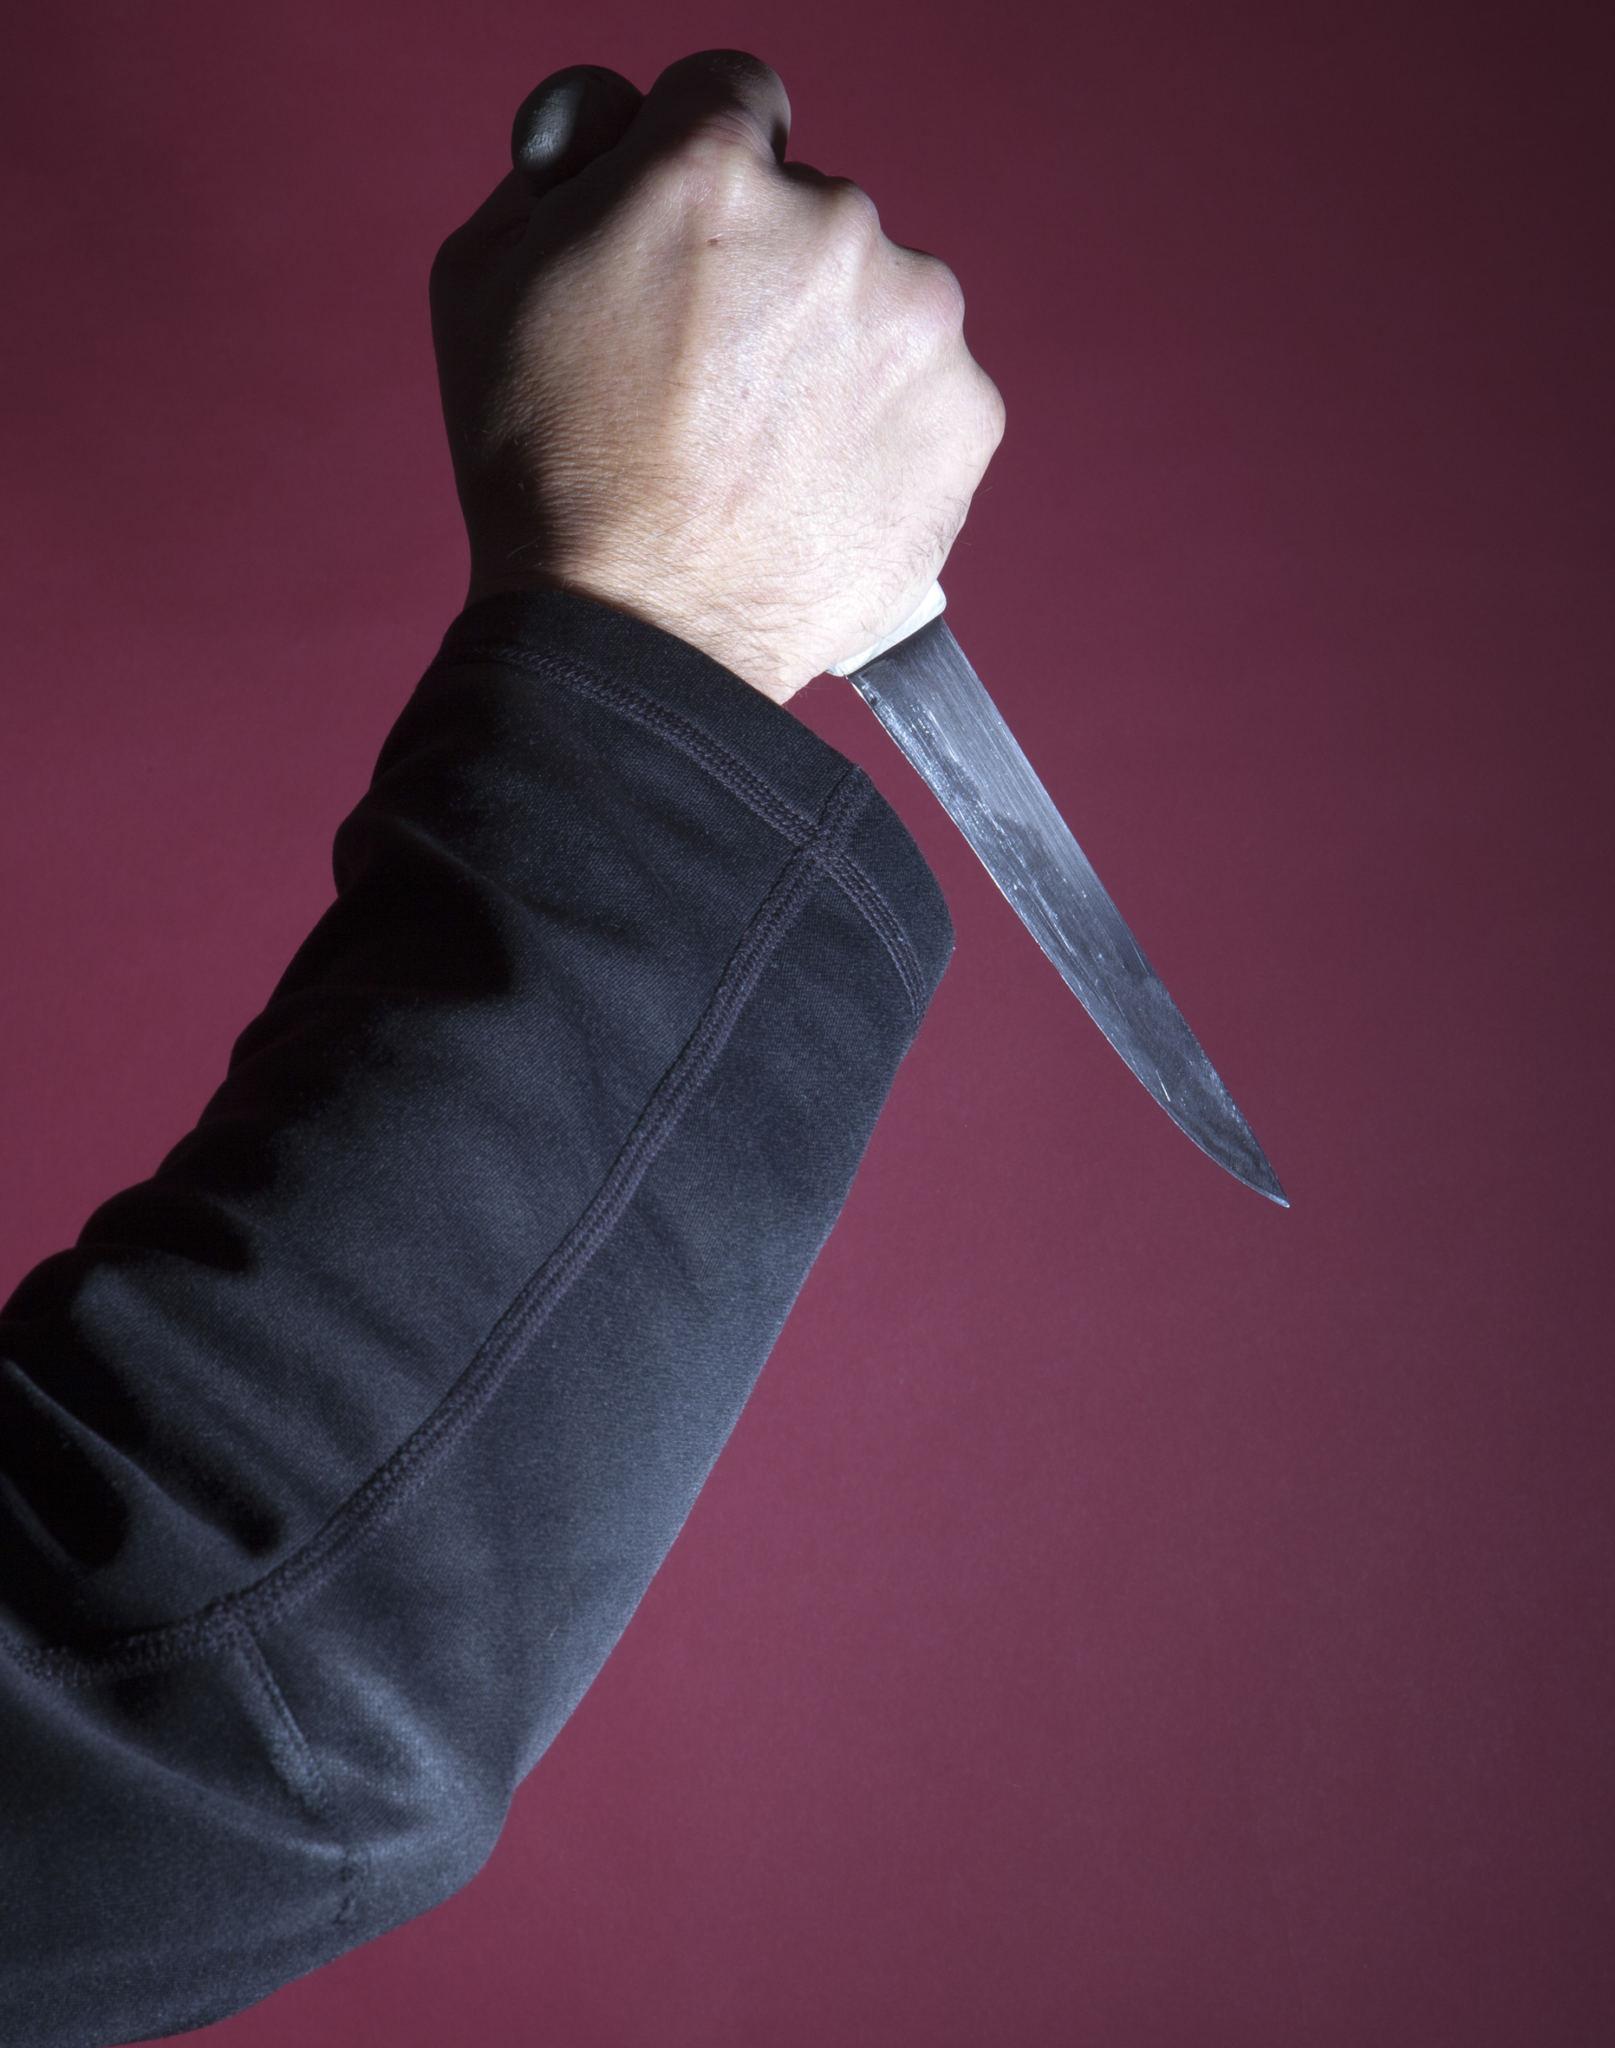 Vorwurf: Stich mit dem Messer in den Nacken